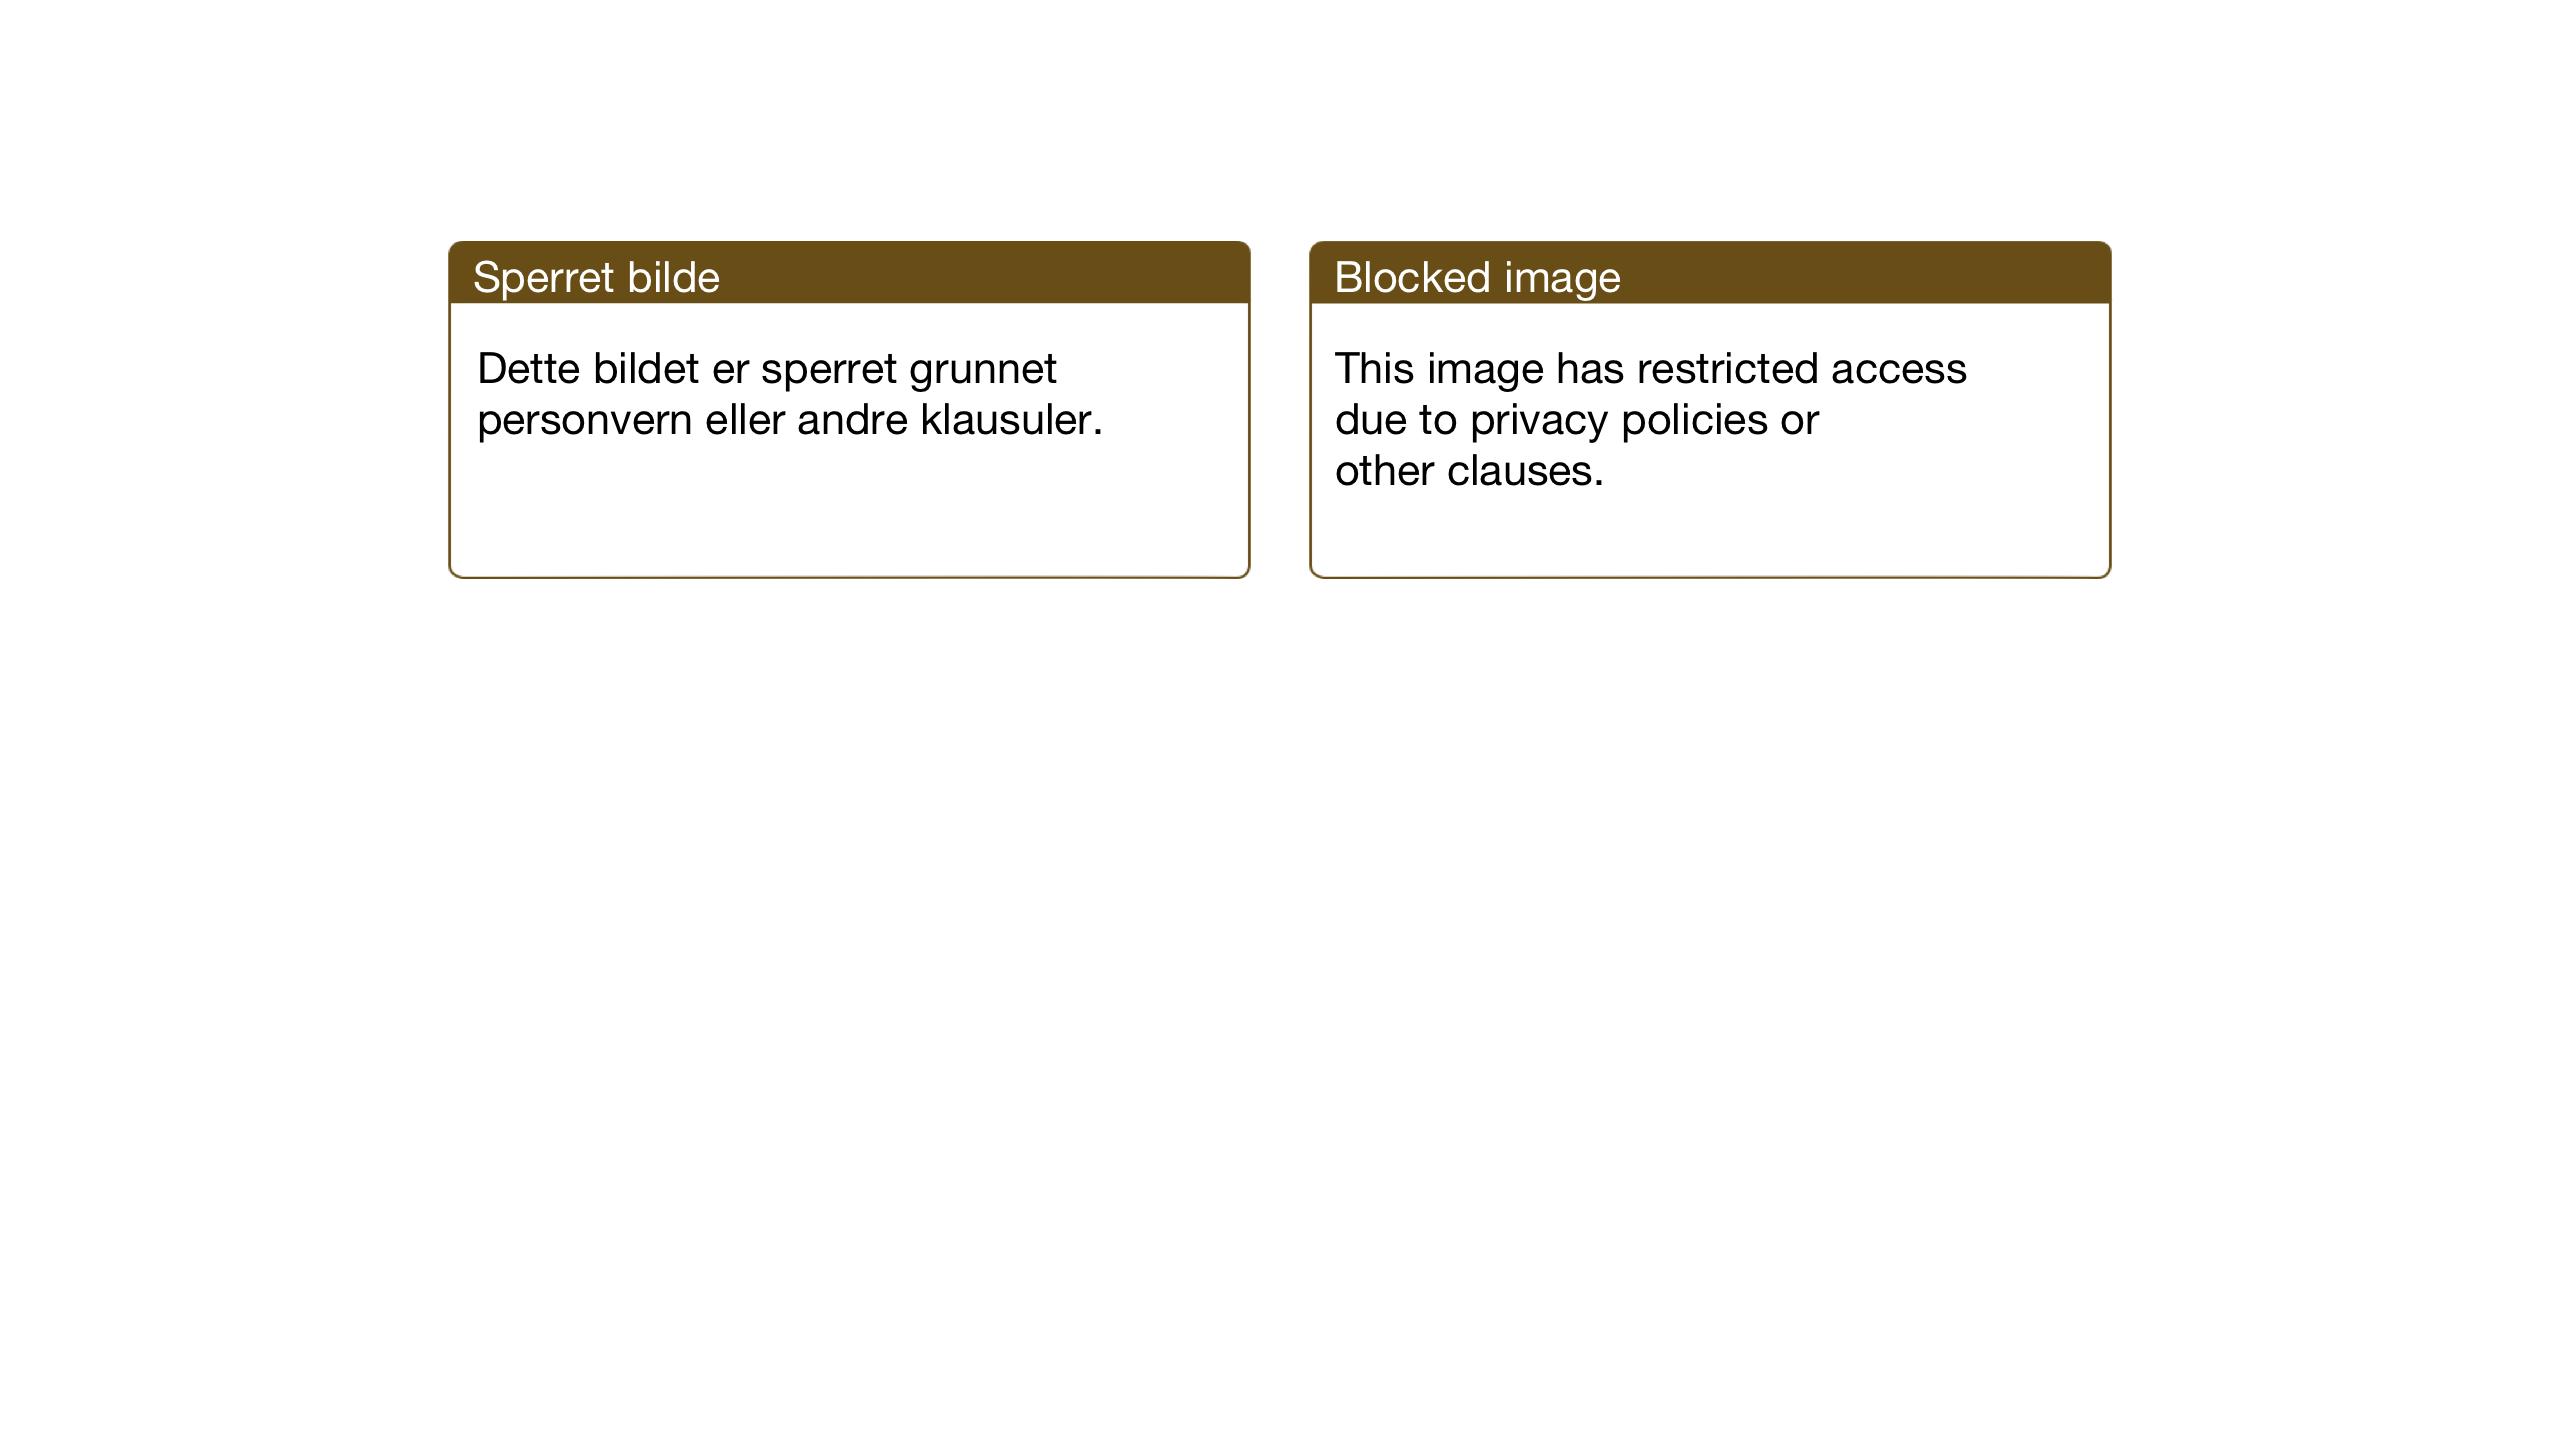 SAT, Ministerialprotokoller, klokkerbøker og fødselsregistre - Sør-Trøndelag, 635/L0556: Klokkerbok nr. 635C04, 1943-1945, s. 7